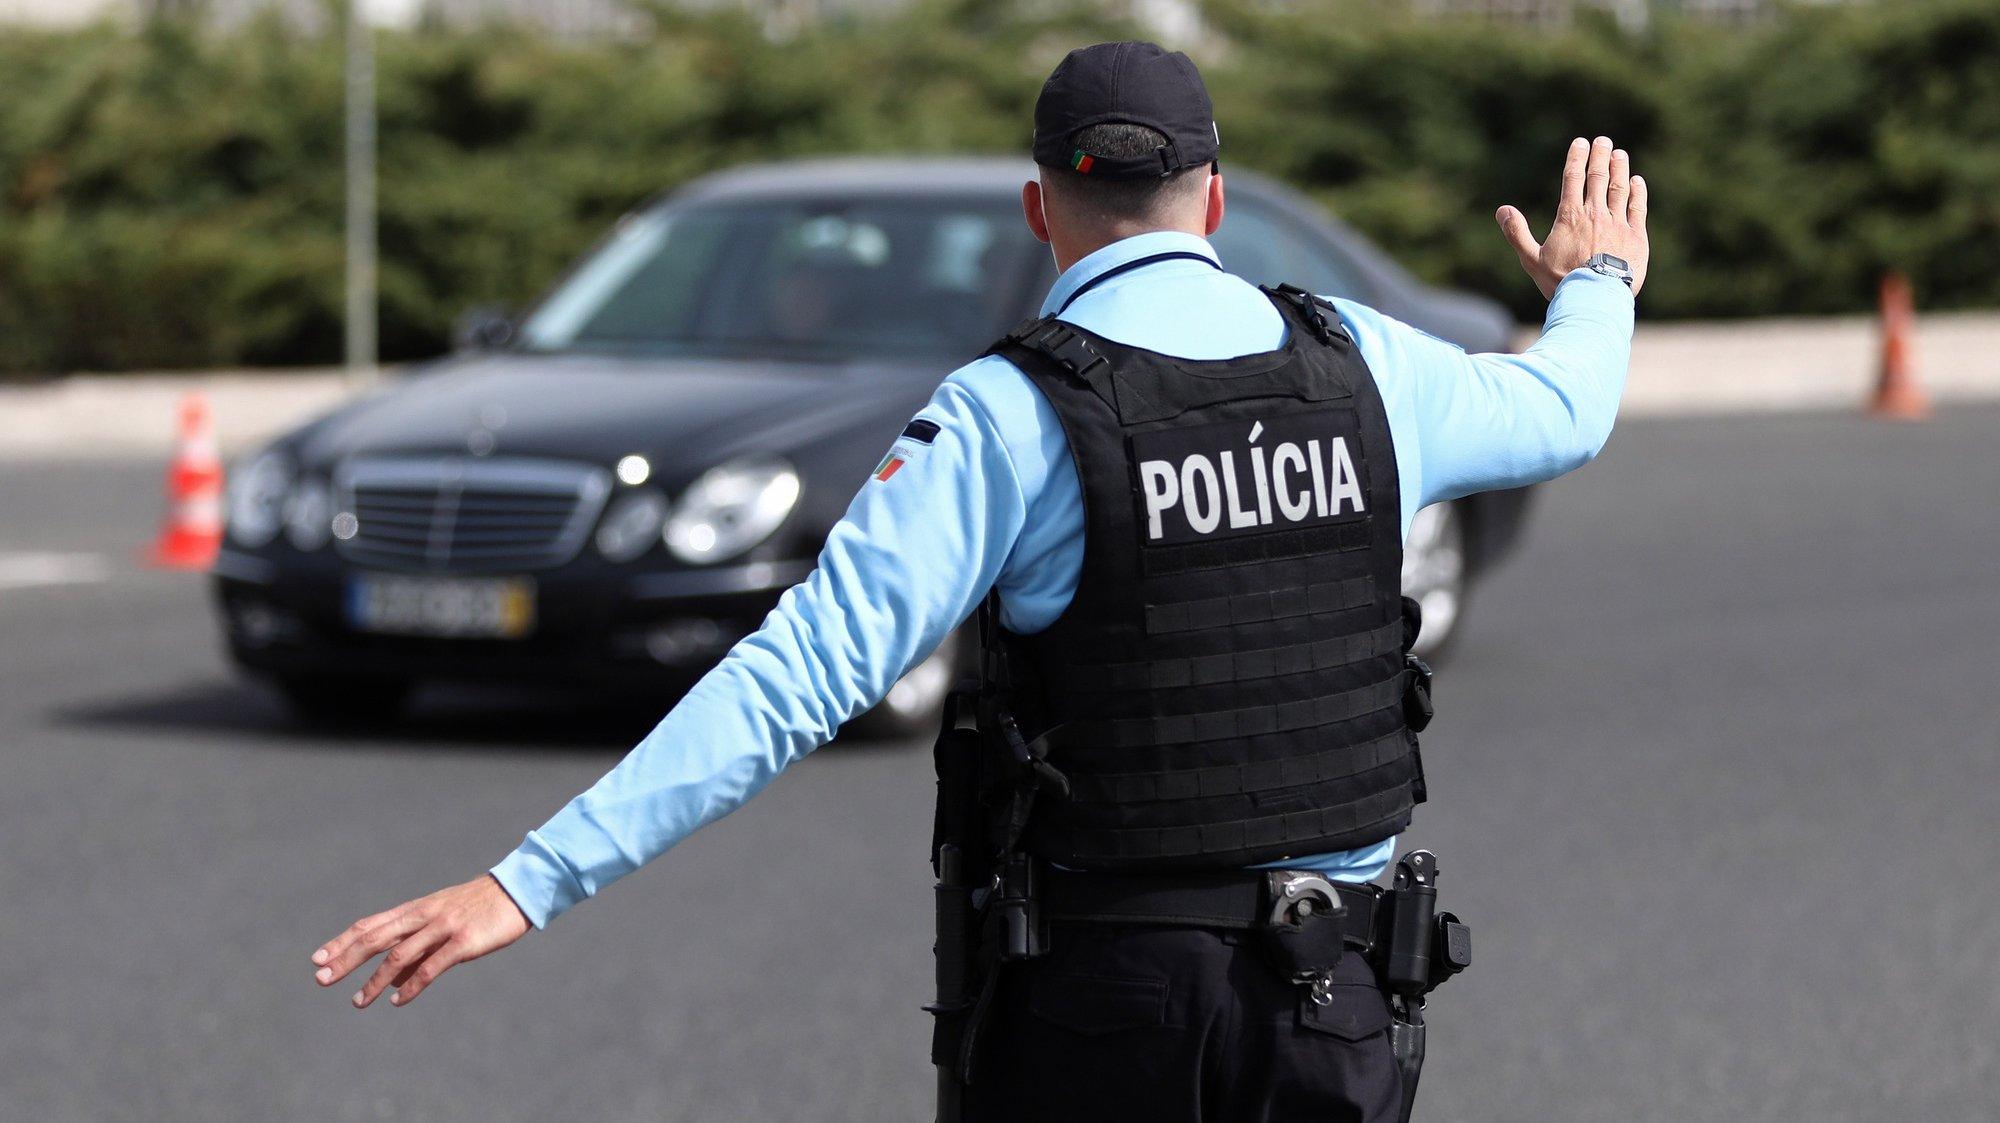 Um agente da PSP controla automobilistas e passageiros durante o confinamento que se prolonga até ao dia 05 de abril, no âmbito das medidas de contenção da pandemia de covid-19, em Oeiras, 27 de Março de 2021. A circulação entre concelhos em Portugal continental está proibida desde as 00:00 de ontem e as 05:00 de 05 de abril, no âmbito do estado de emergência para combater a pandemia de covid-19. ANTÓNIO PEDRO SANTOS/LUSA